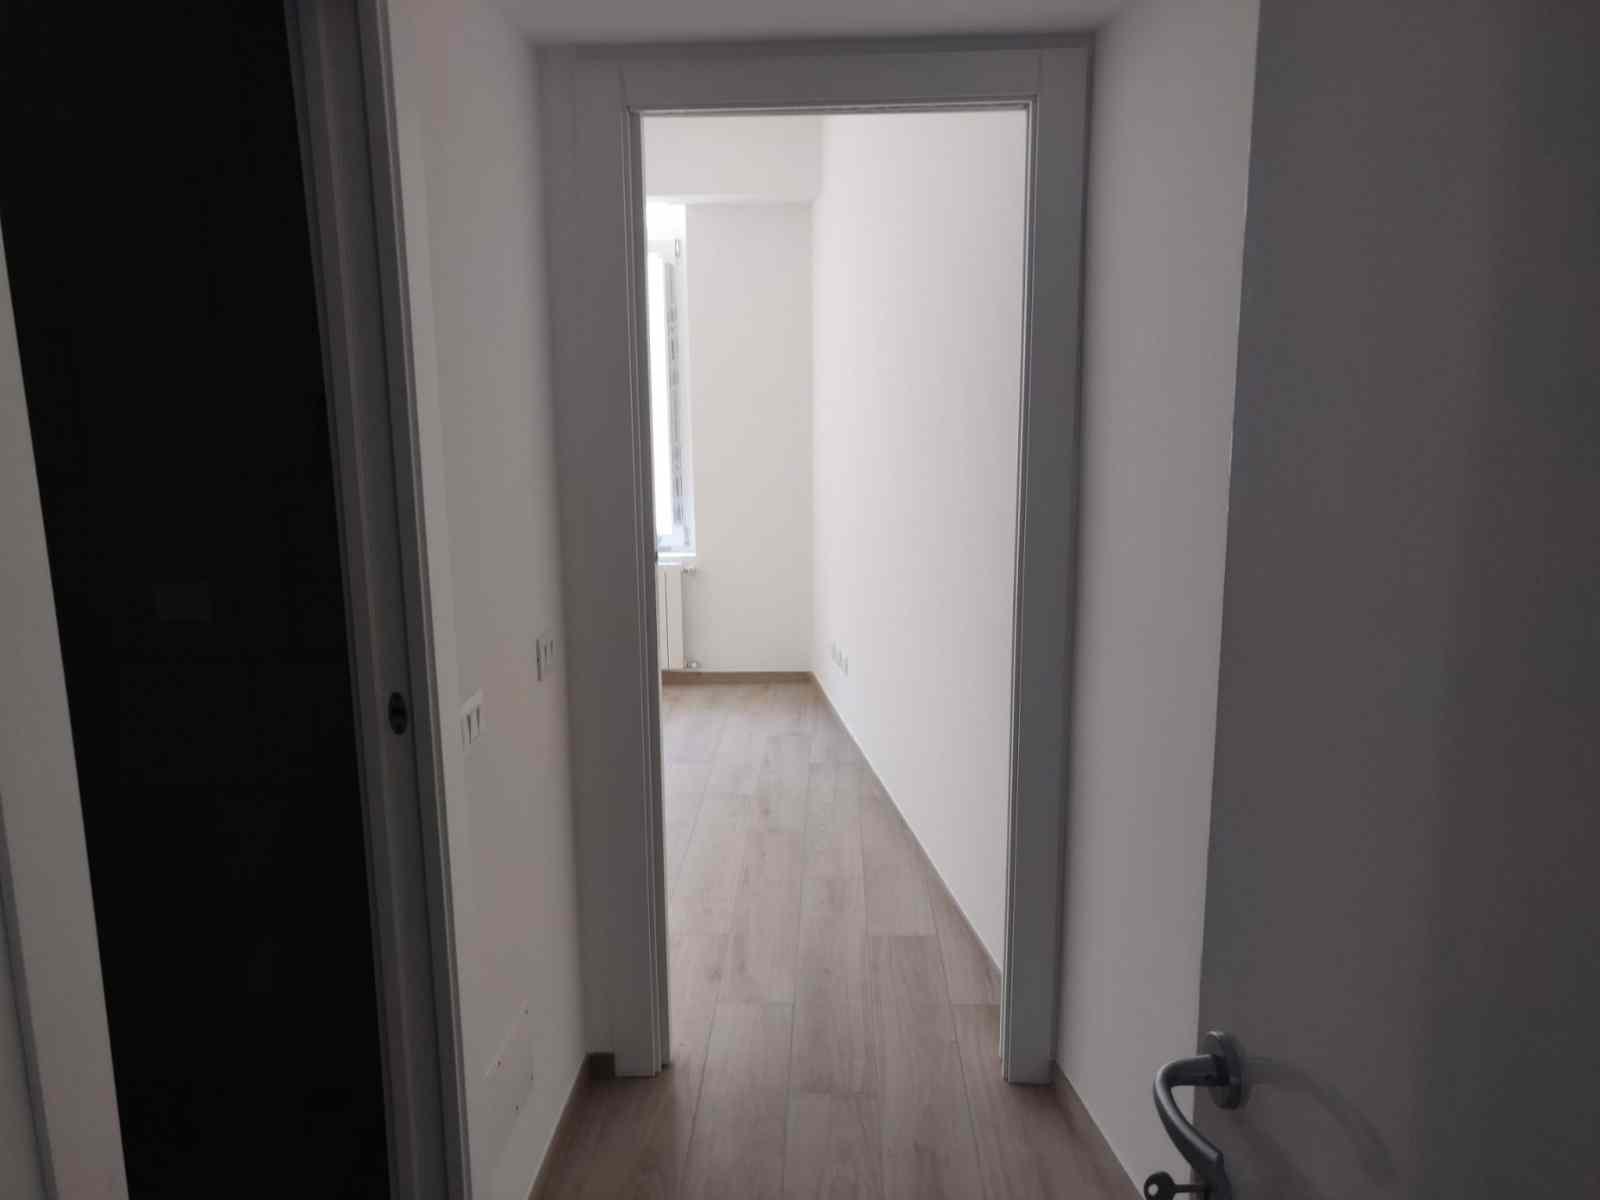 appartamento-in-vendita-baggio-milano-spaziourbano-immobiliare-vende-2-locali-bilocale-6